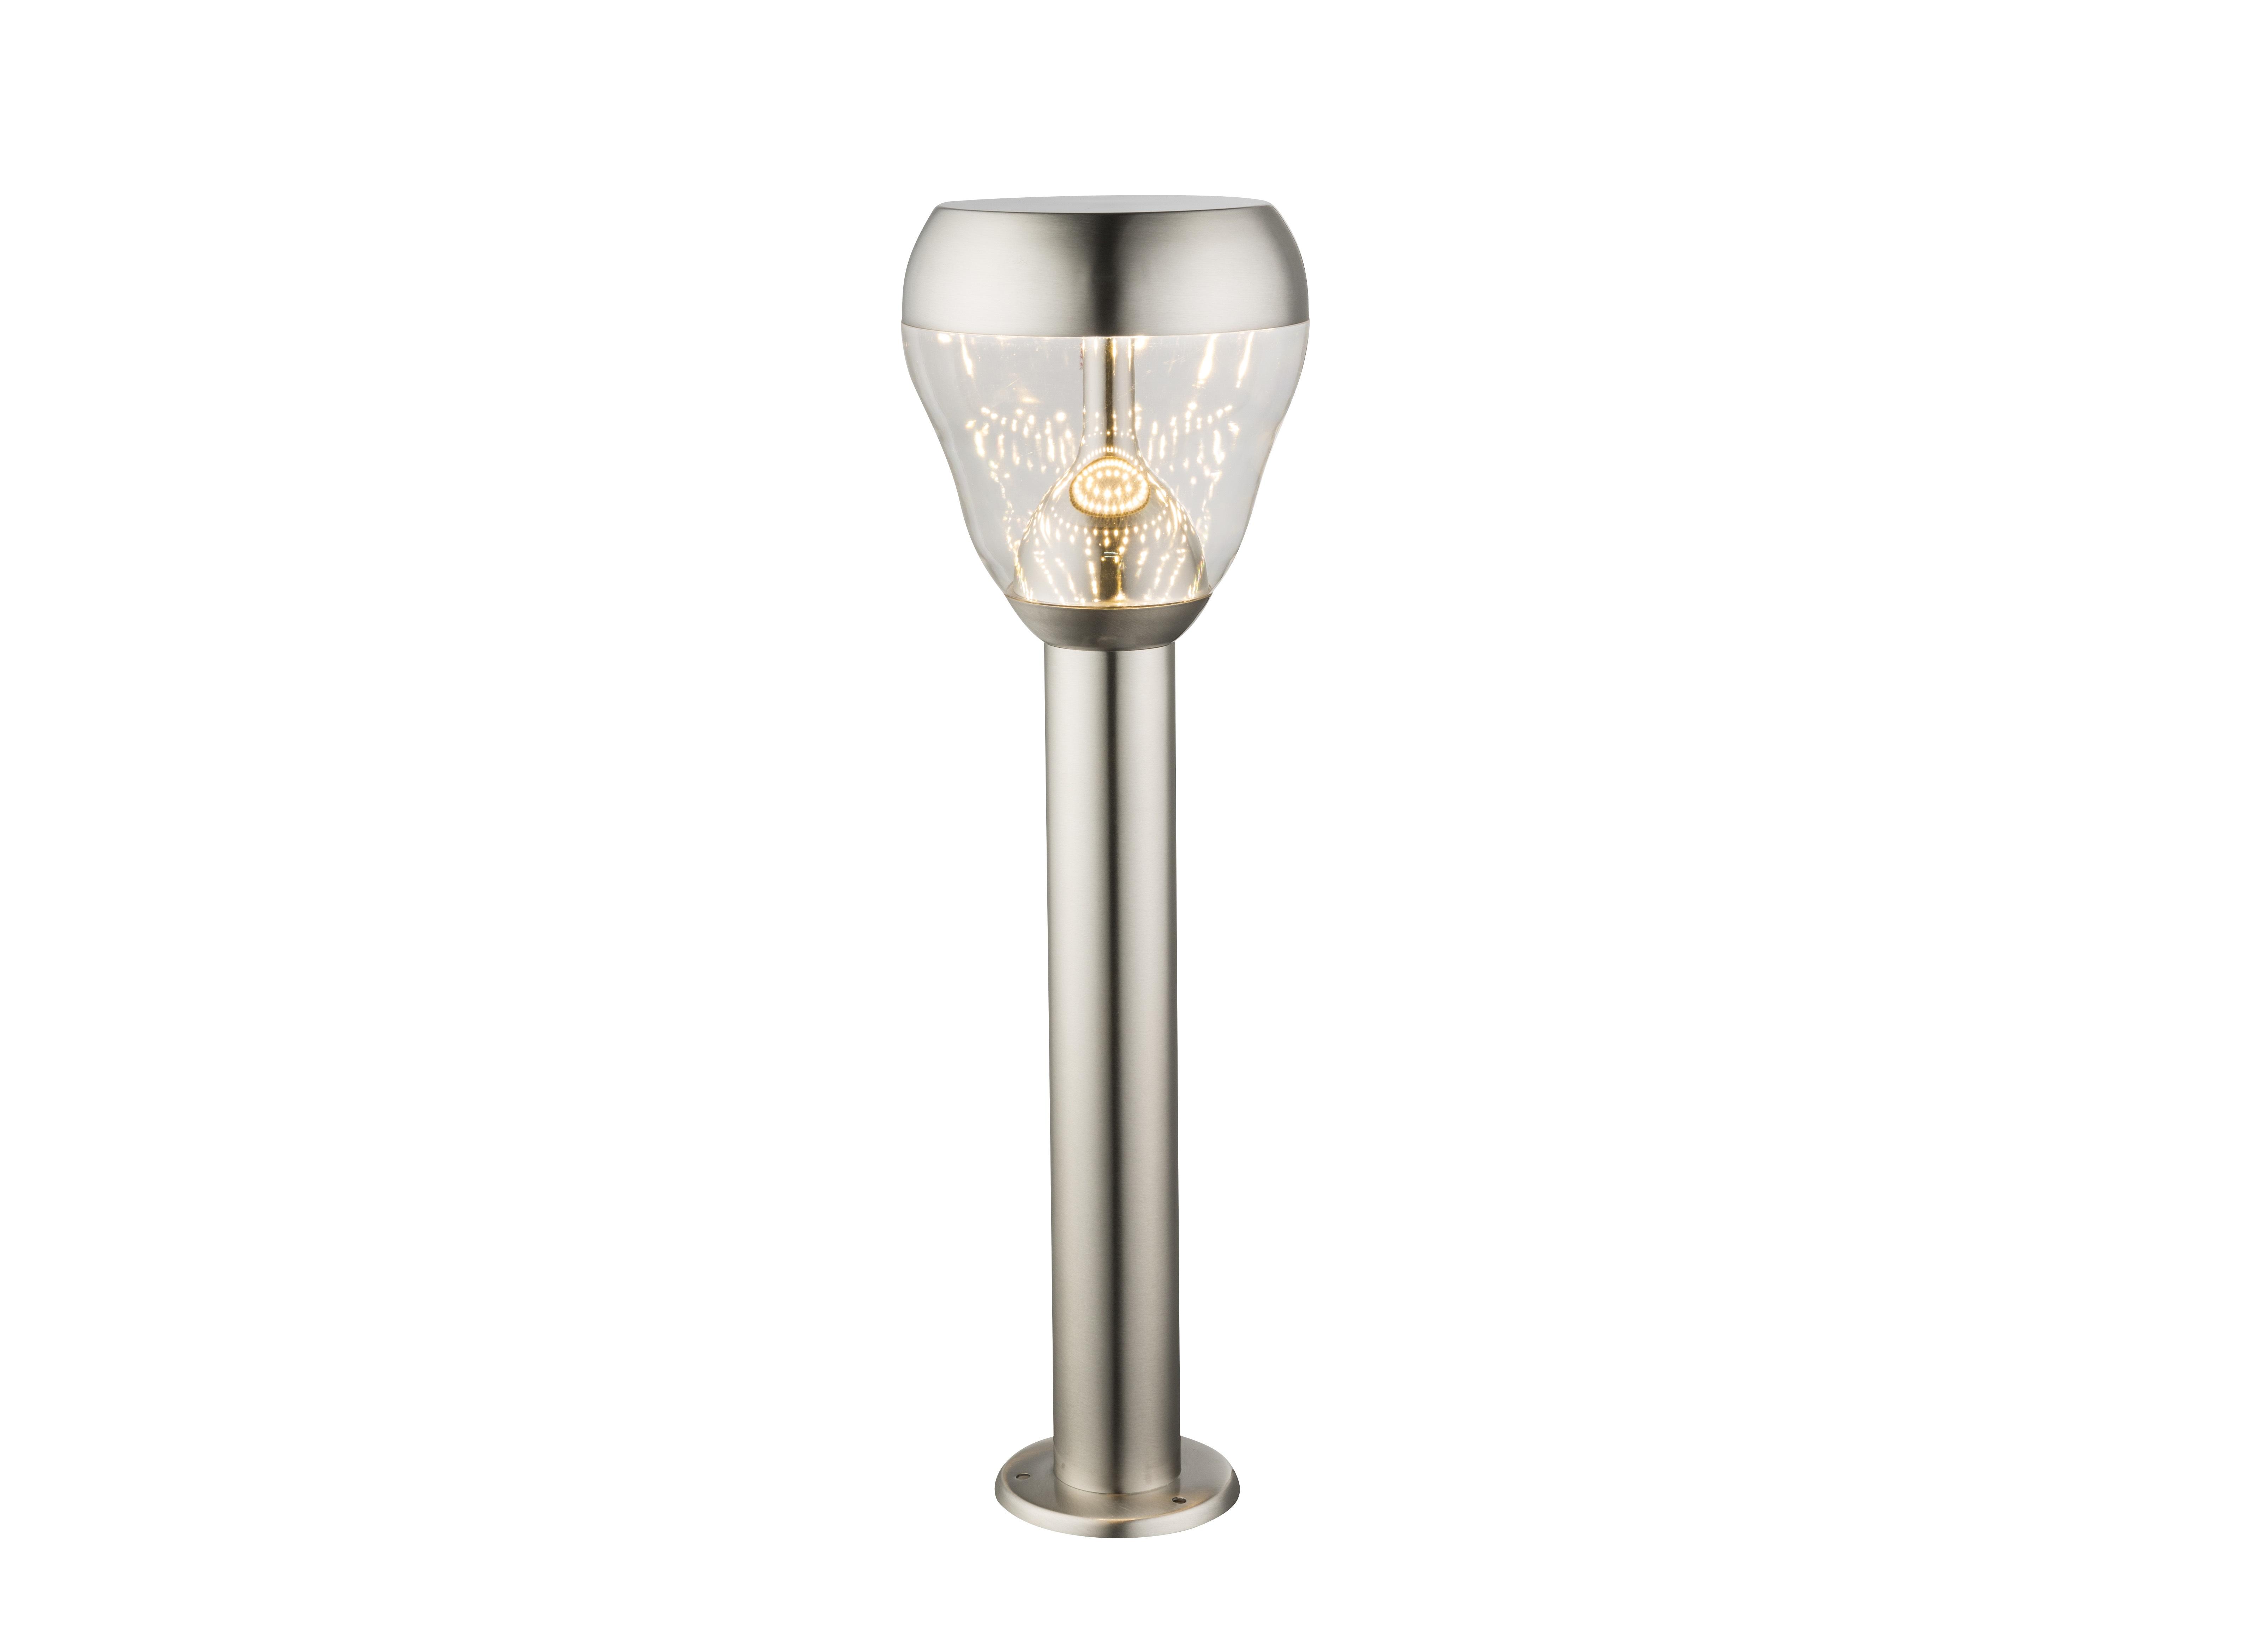 Светильник уличныйУличные наземные светильники<br>&amp;lt;div&amp;gt;Тип цоколя: LED&amp;lt;/div&amp;gt;&amp;lt;div&amp;gt;Мощность: 8W&amp;lt;/div&amp;gt;&amp;lt;div&amp;gt;Кол-во ламп: 1 (в комплекте)&amp;lt;/div&amp;gt;&amp;lt;div&amp;gt;&amp;lt;br&amp;gt;&amp;lt;/div&amp;gt;<br><br>Material: Металл<br>Высота см: 50